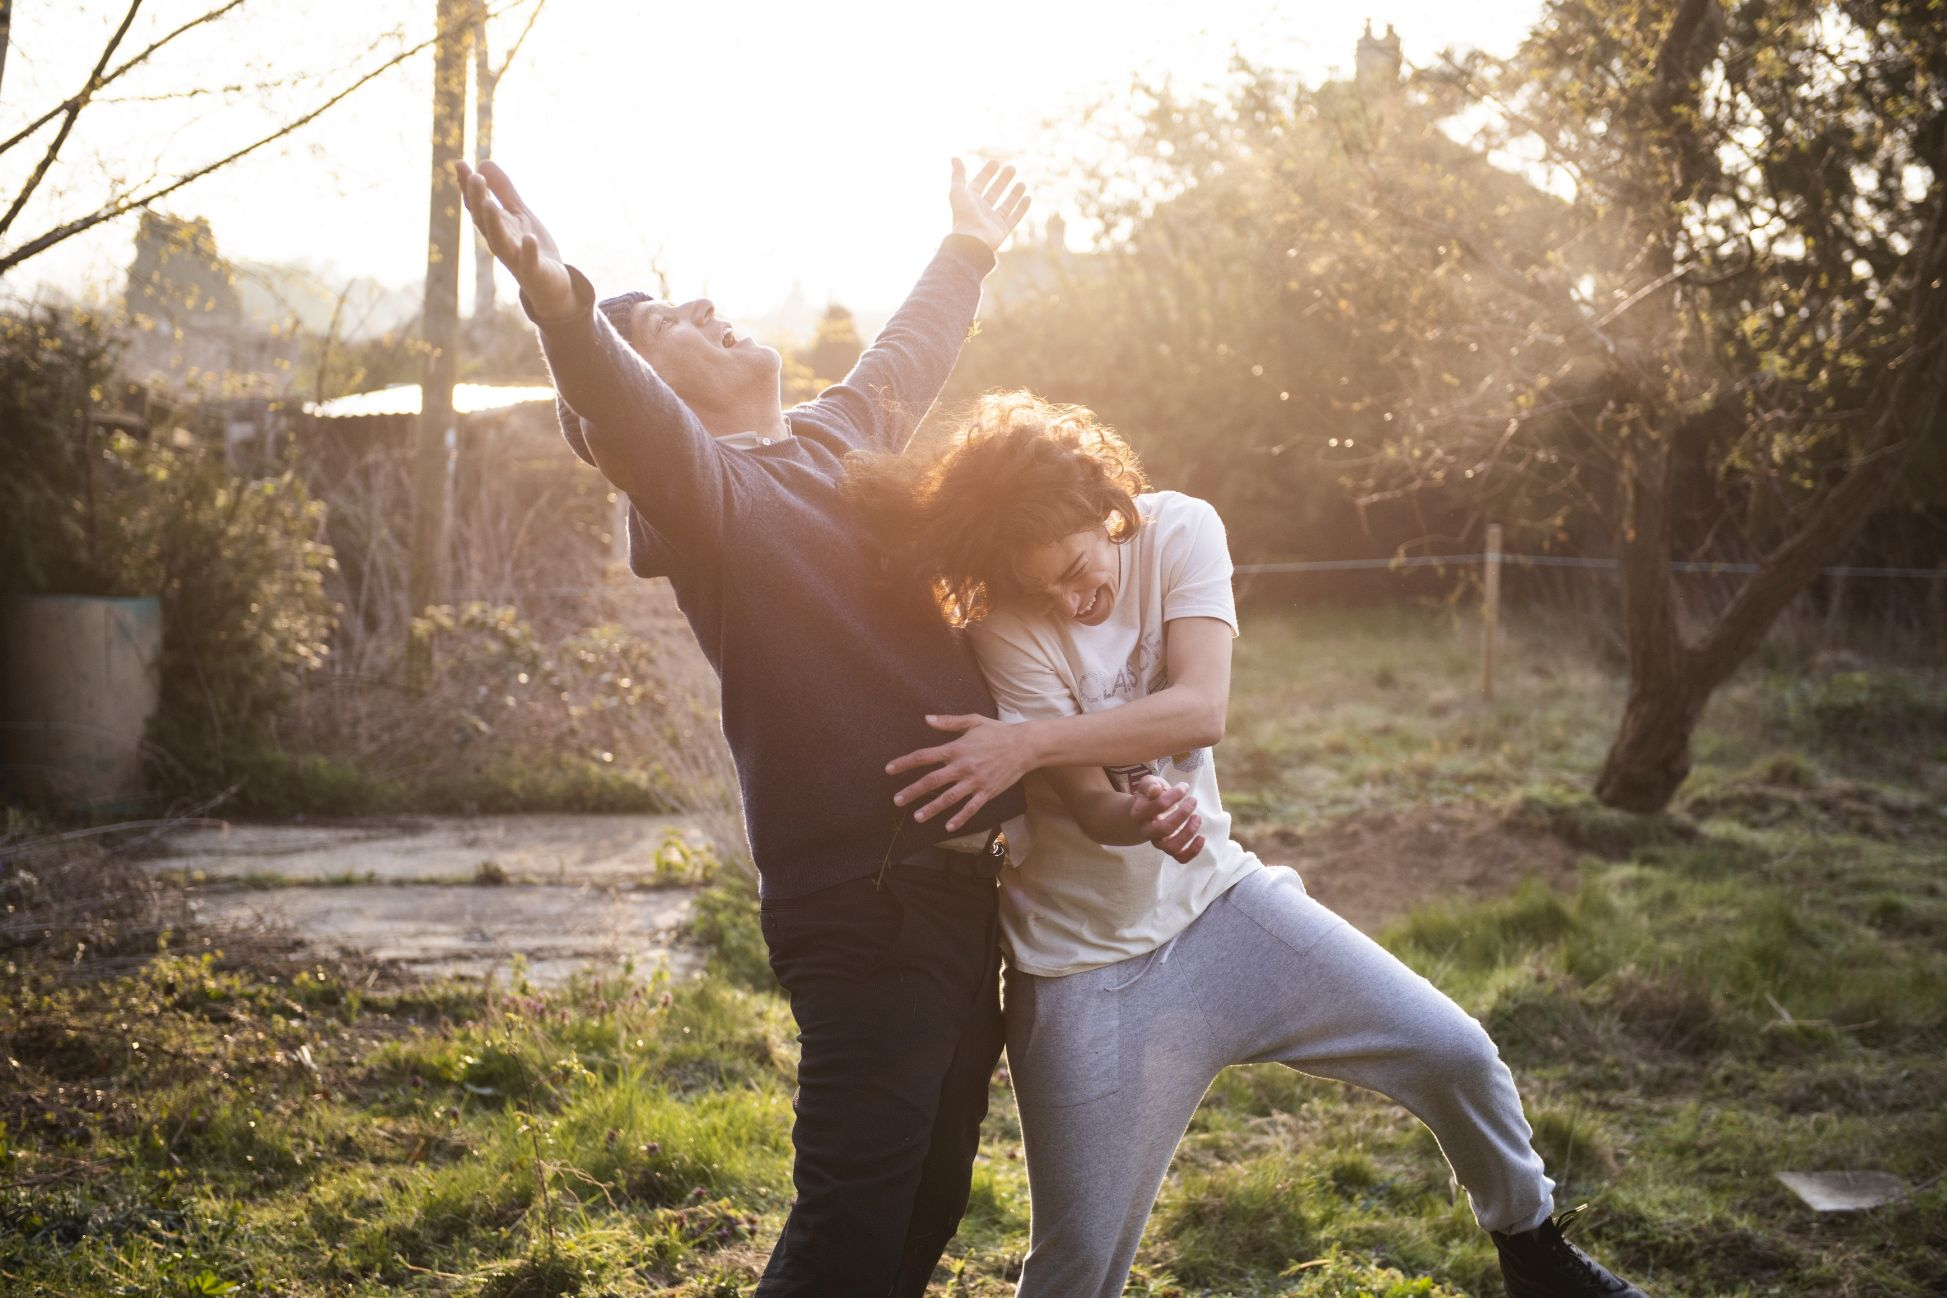 Guida romantica a posti perduti: Clive Owen con Jasmin Trinca in una scena del film